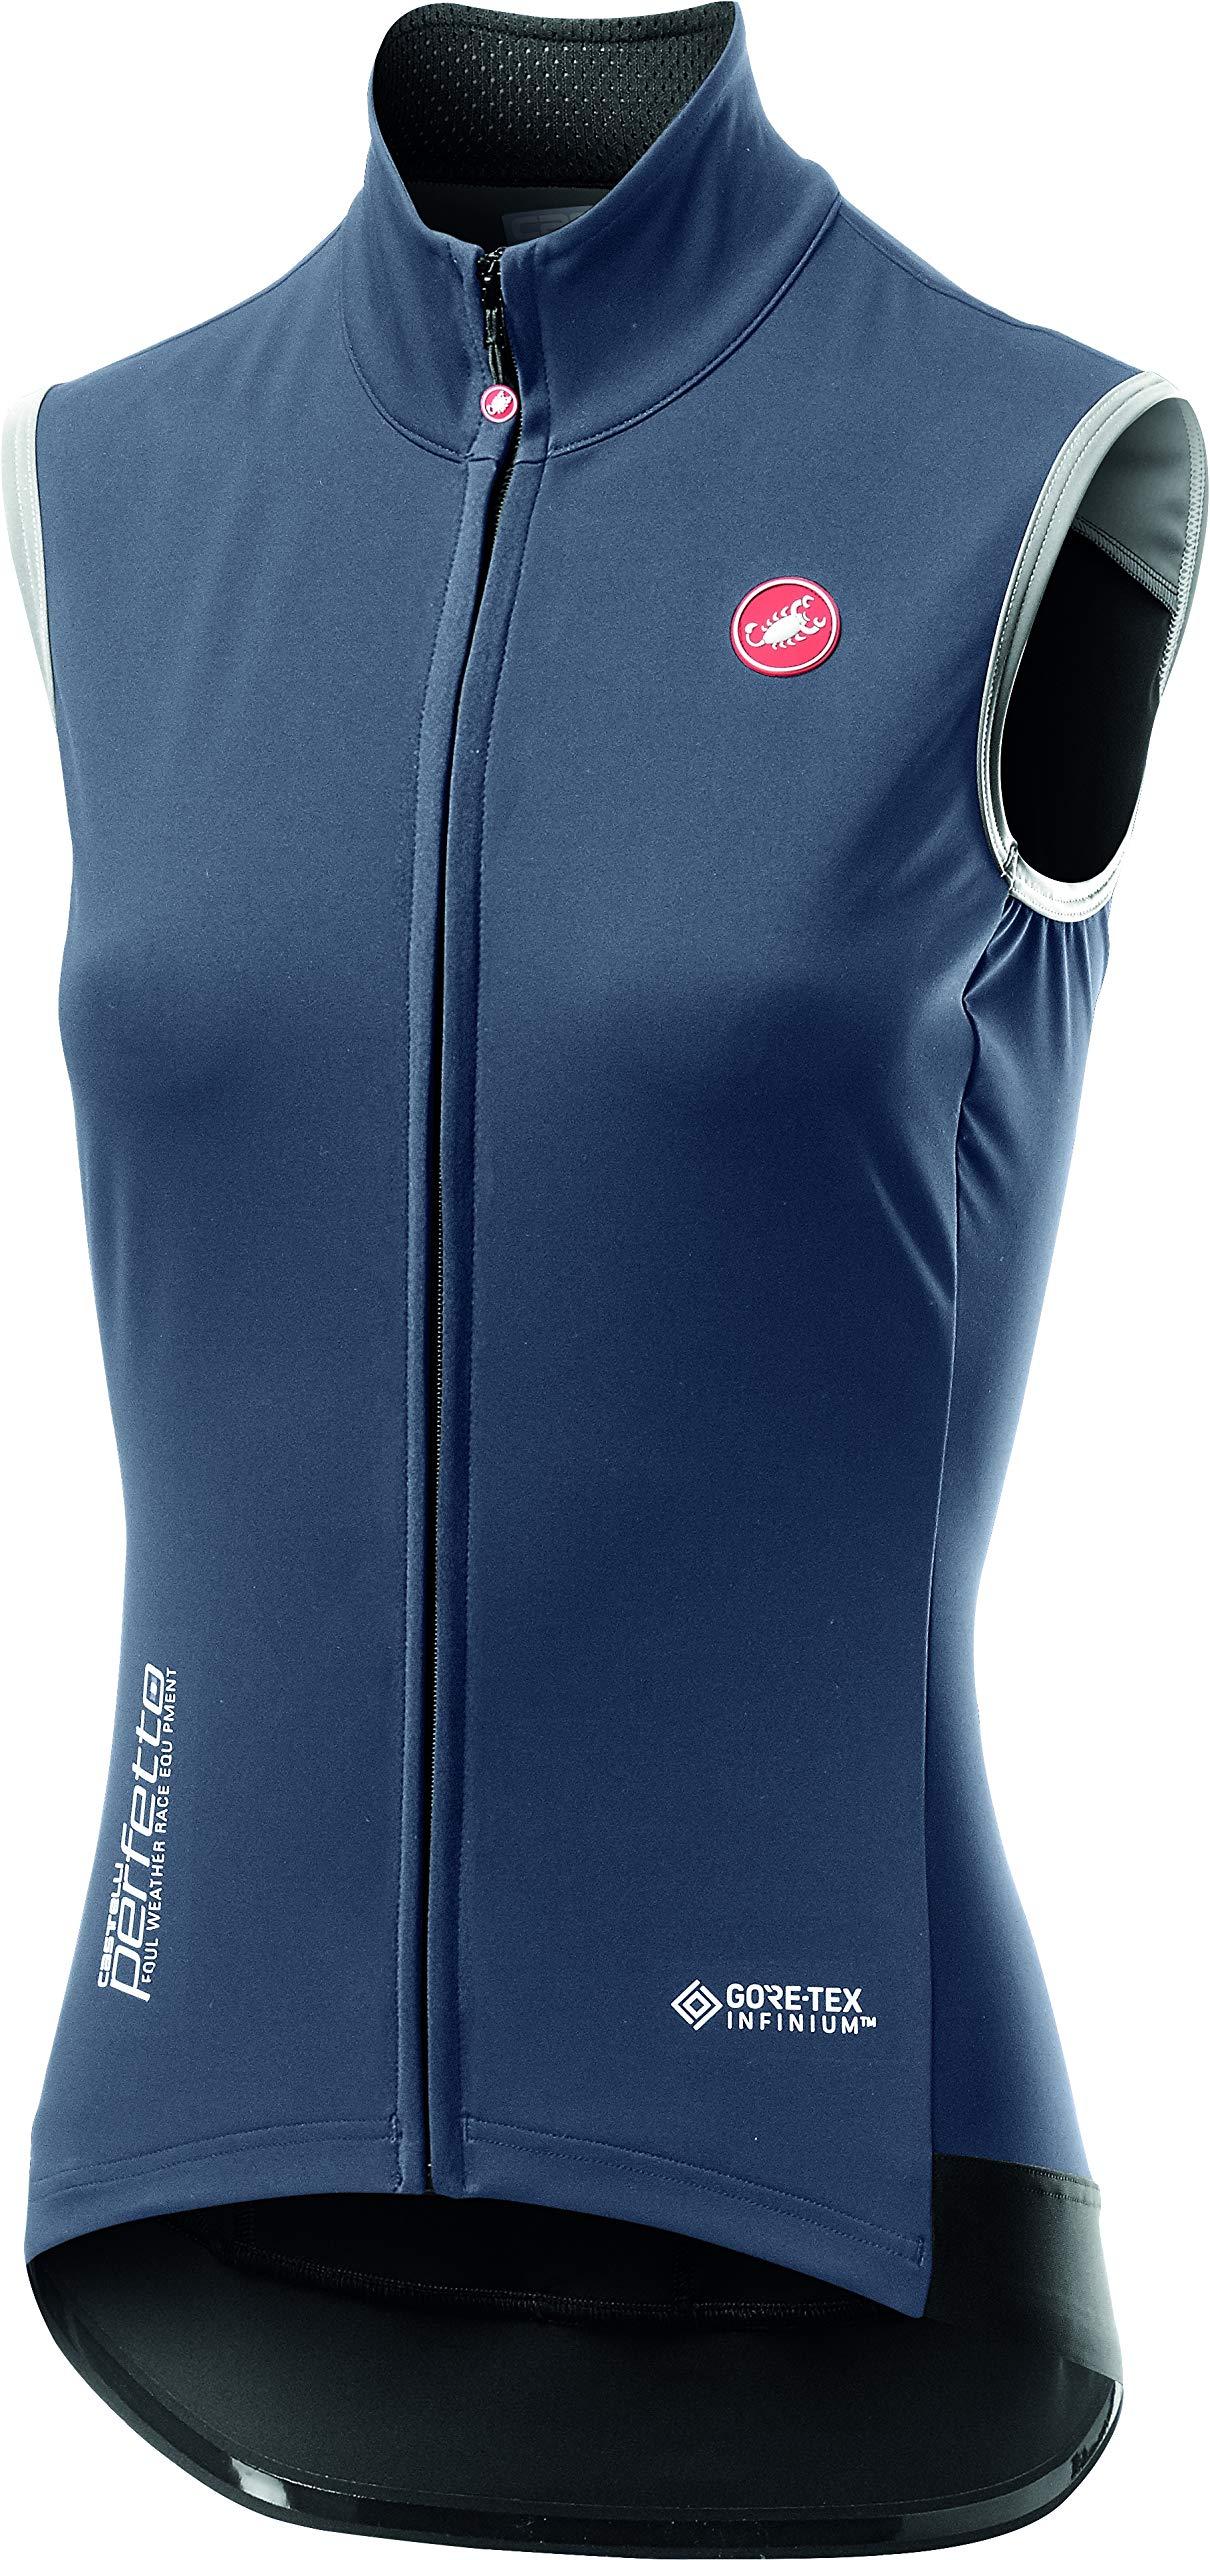 Castelli Perfetto ROS Vest - Women's Dark Steel Blue, S by Castelli